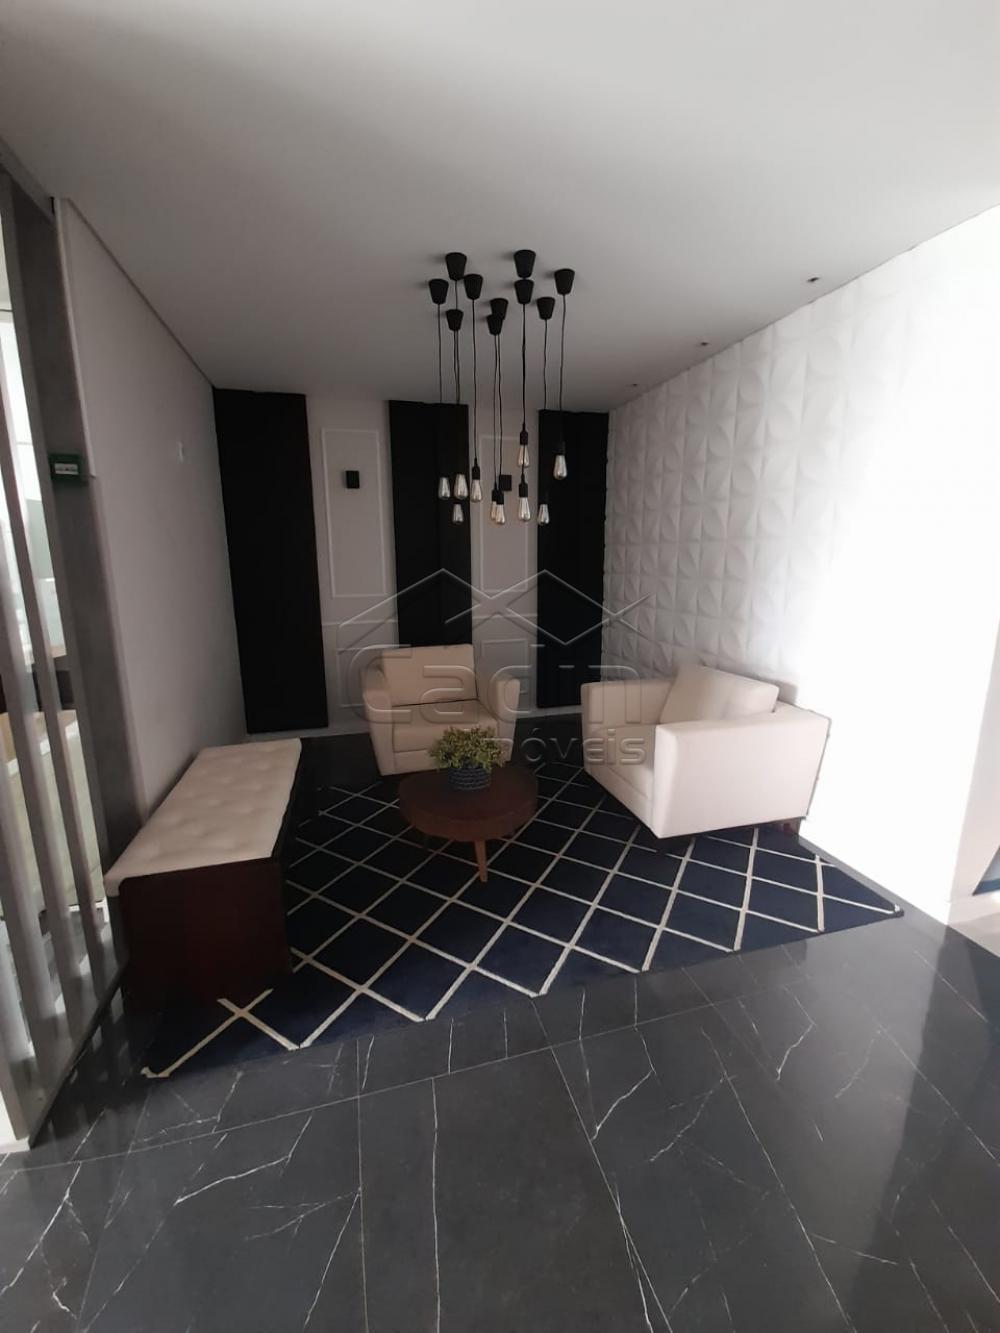 Comprar Apartamento / Padrão em Navegantes R$ 630.000,00 - Foto 5